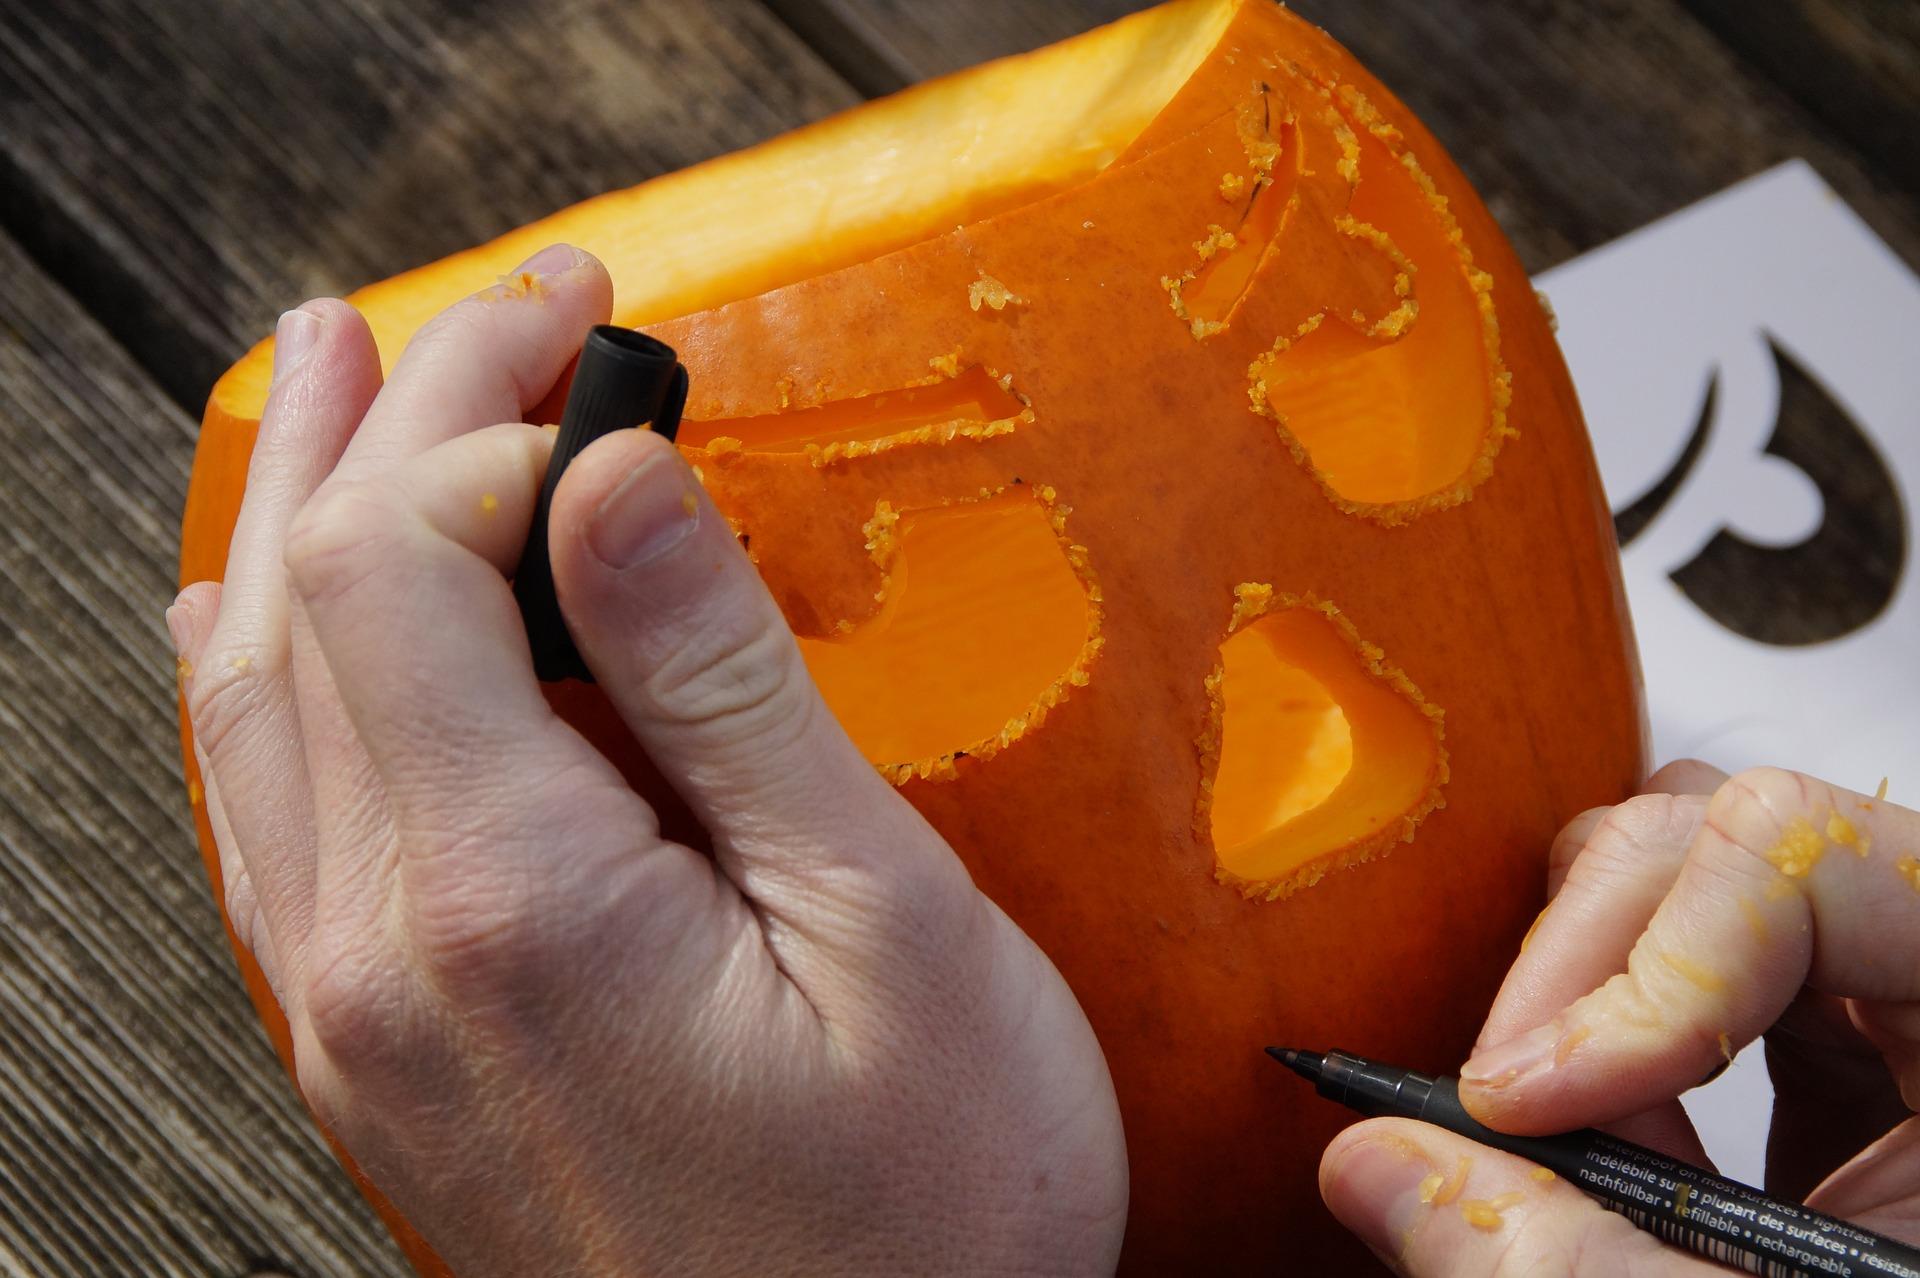 Pumpkin carving (Jack O' Lantern)